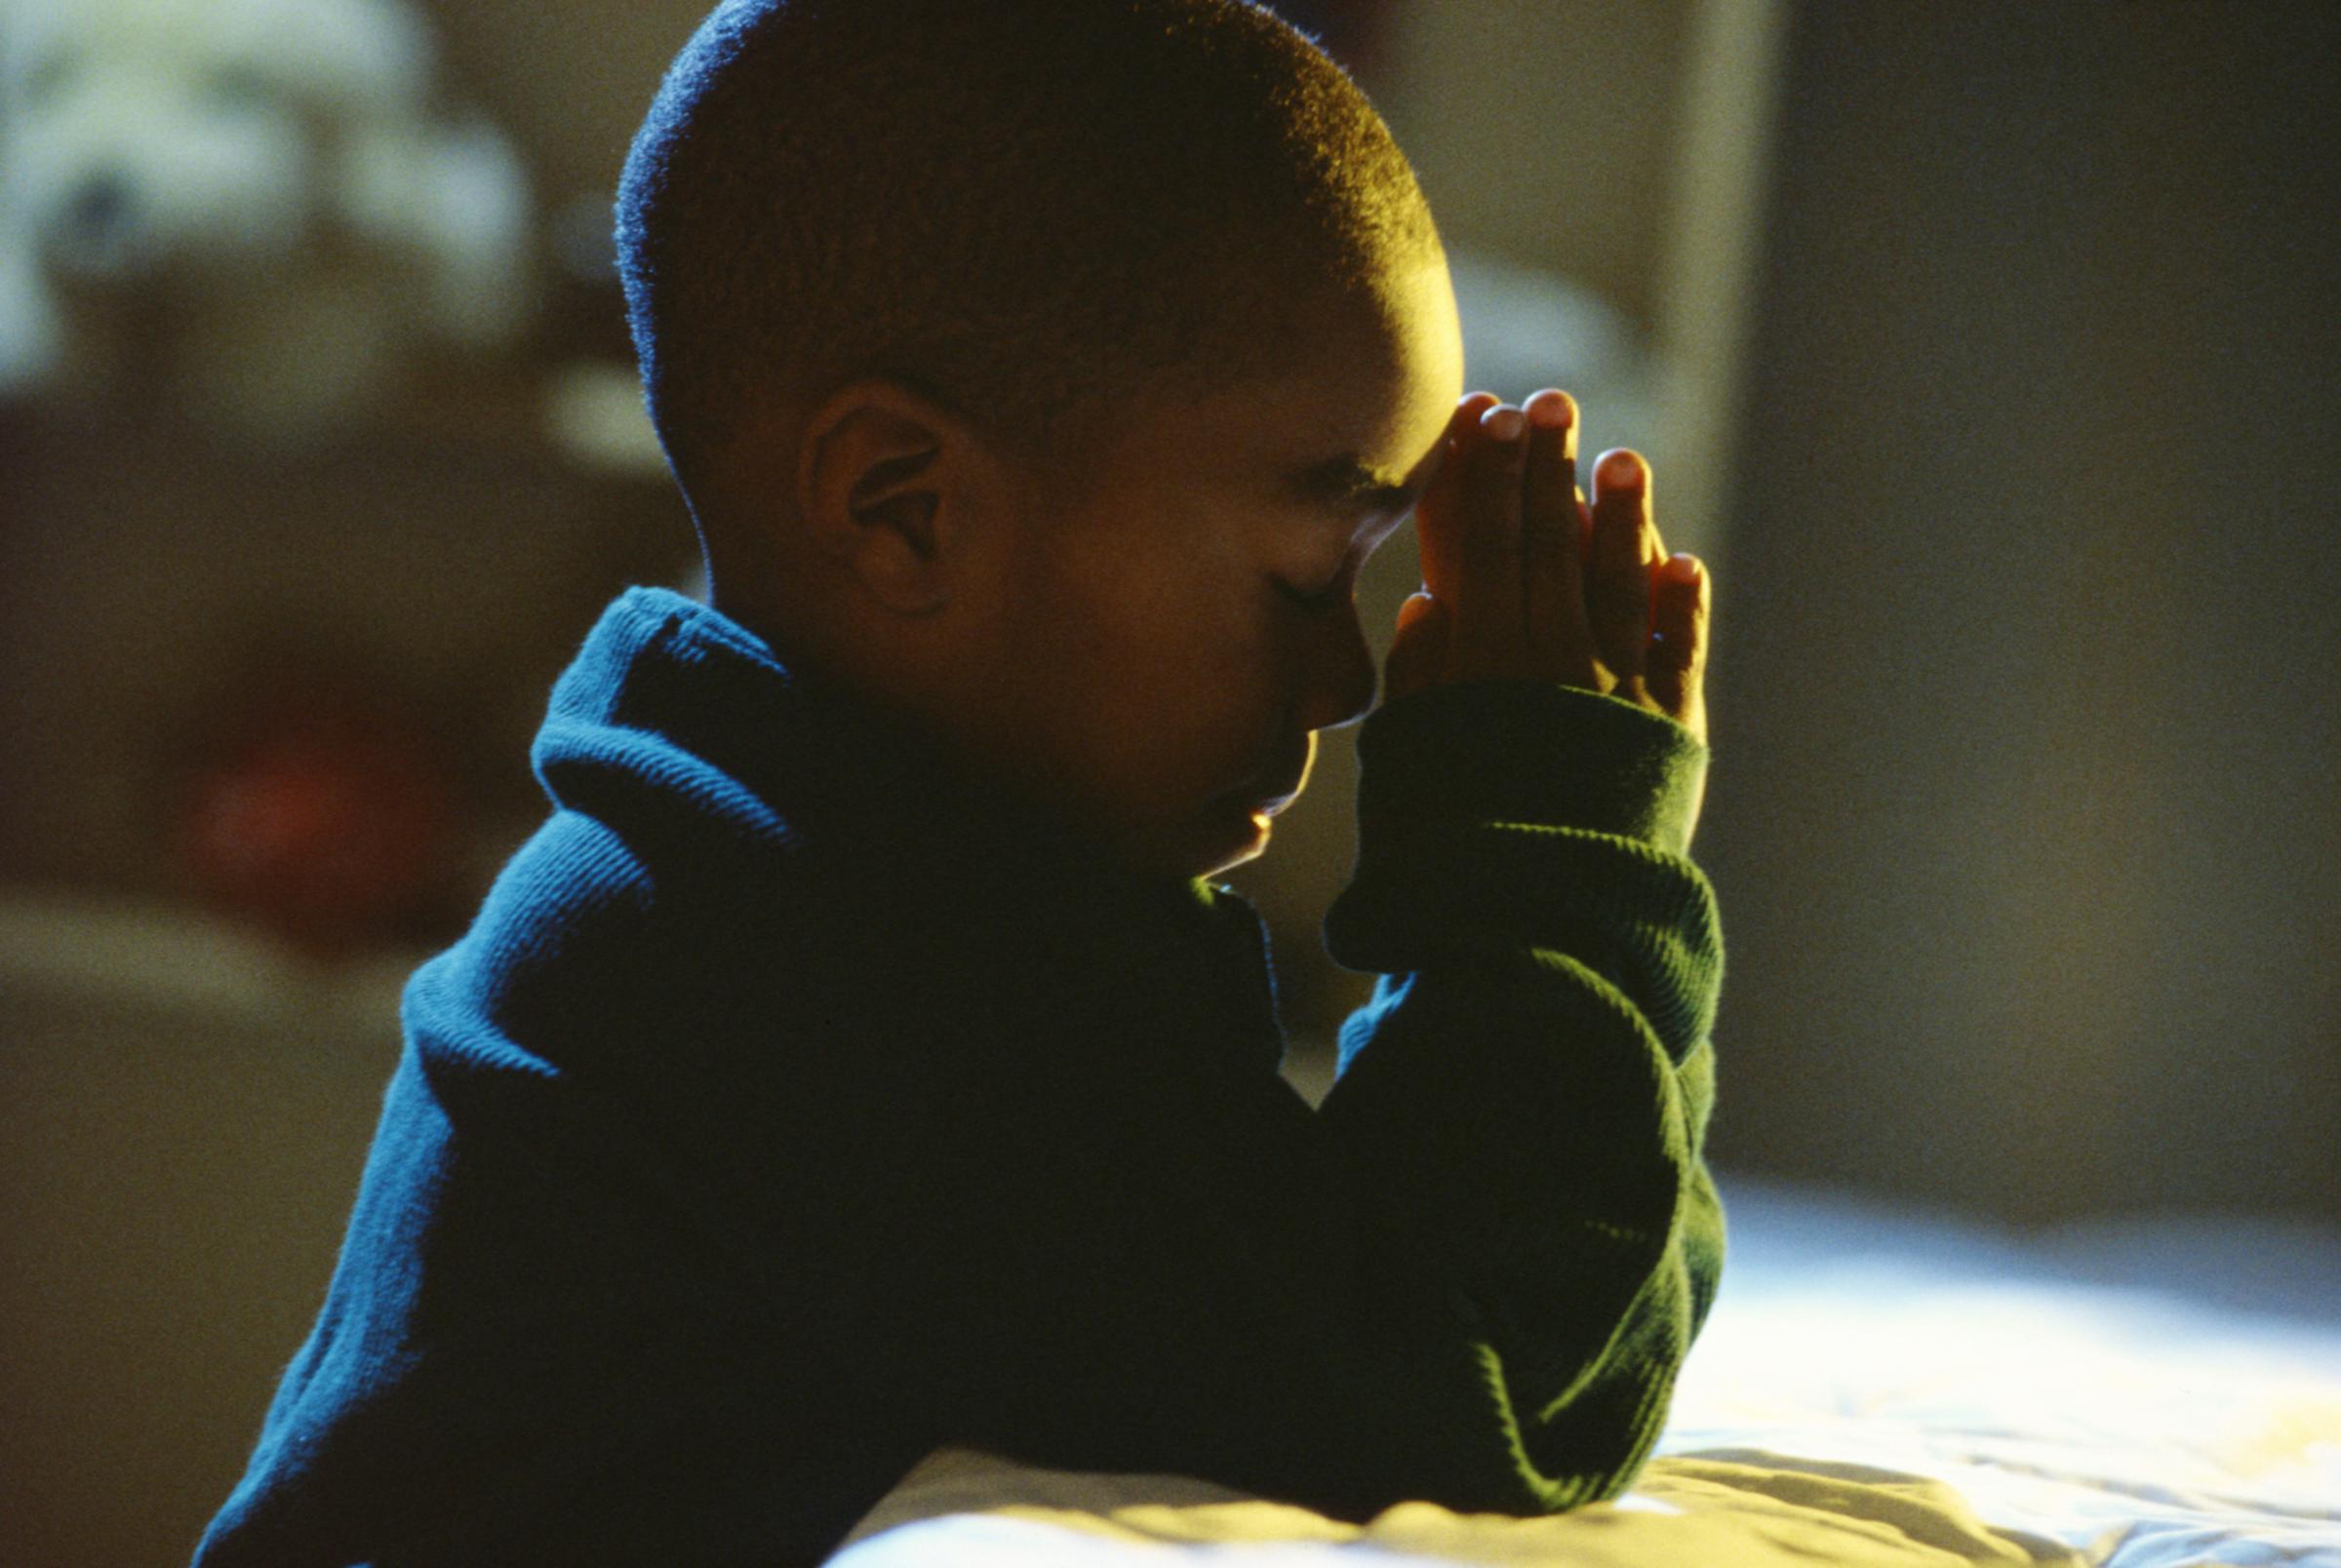 Cómo 'Manejar' las Distracciones y Dificultades en la Oración